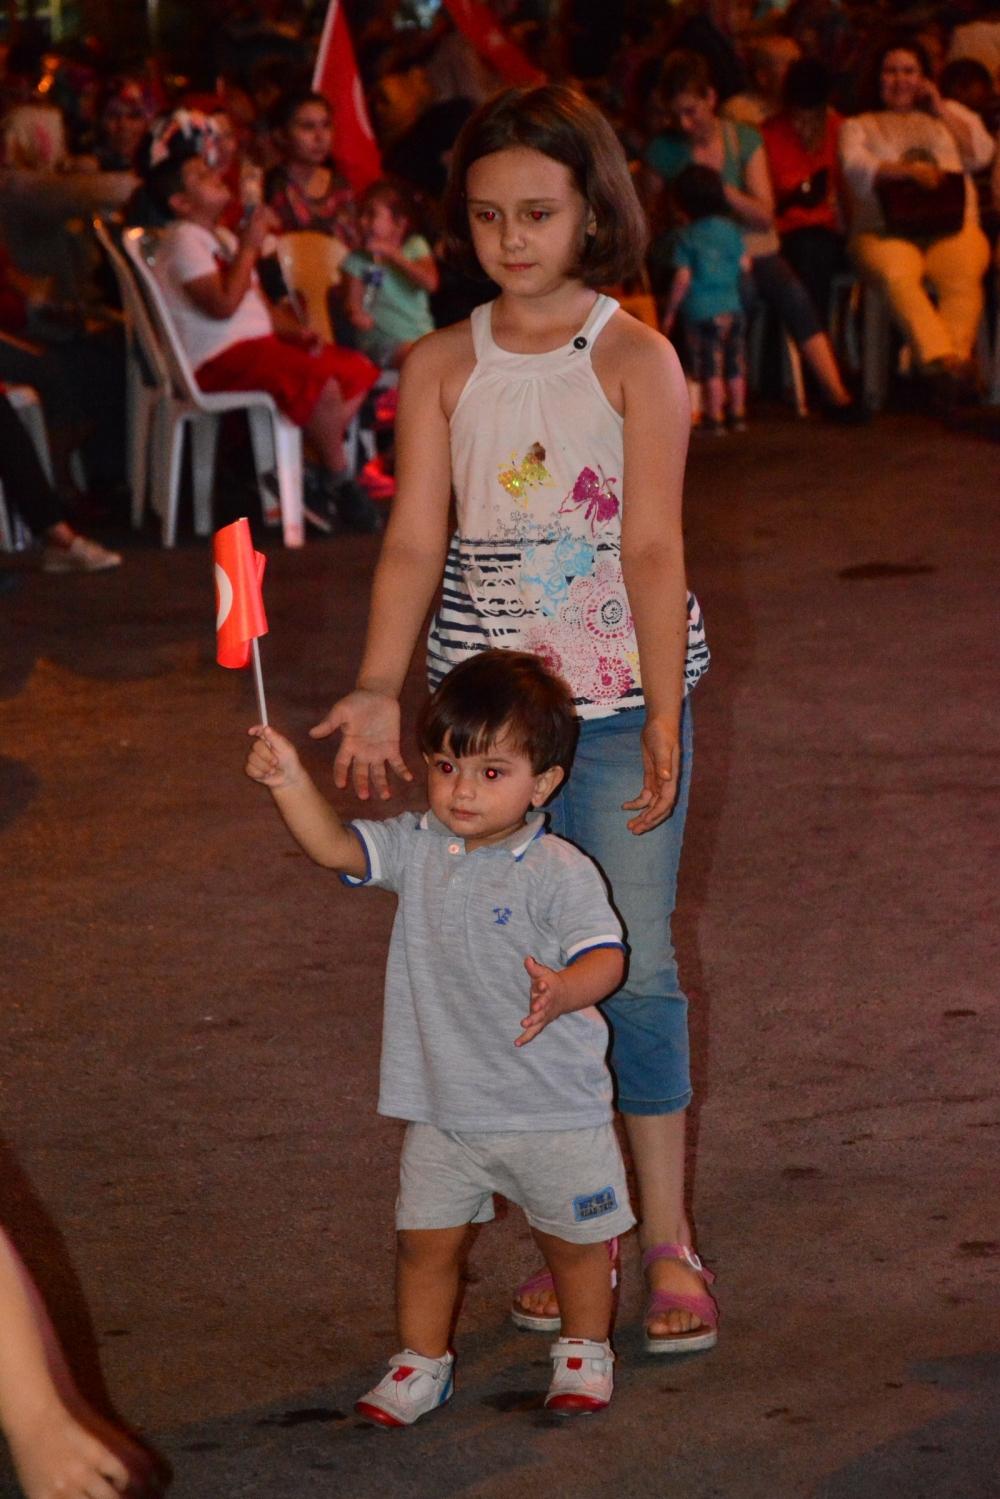 Akhisar'da Milli Egemenlik Meydanında demokrasi nöbeti 22.gün 9